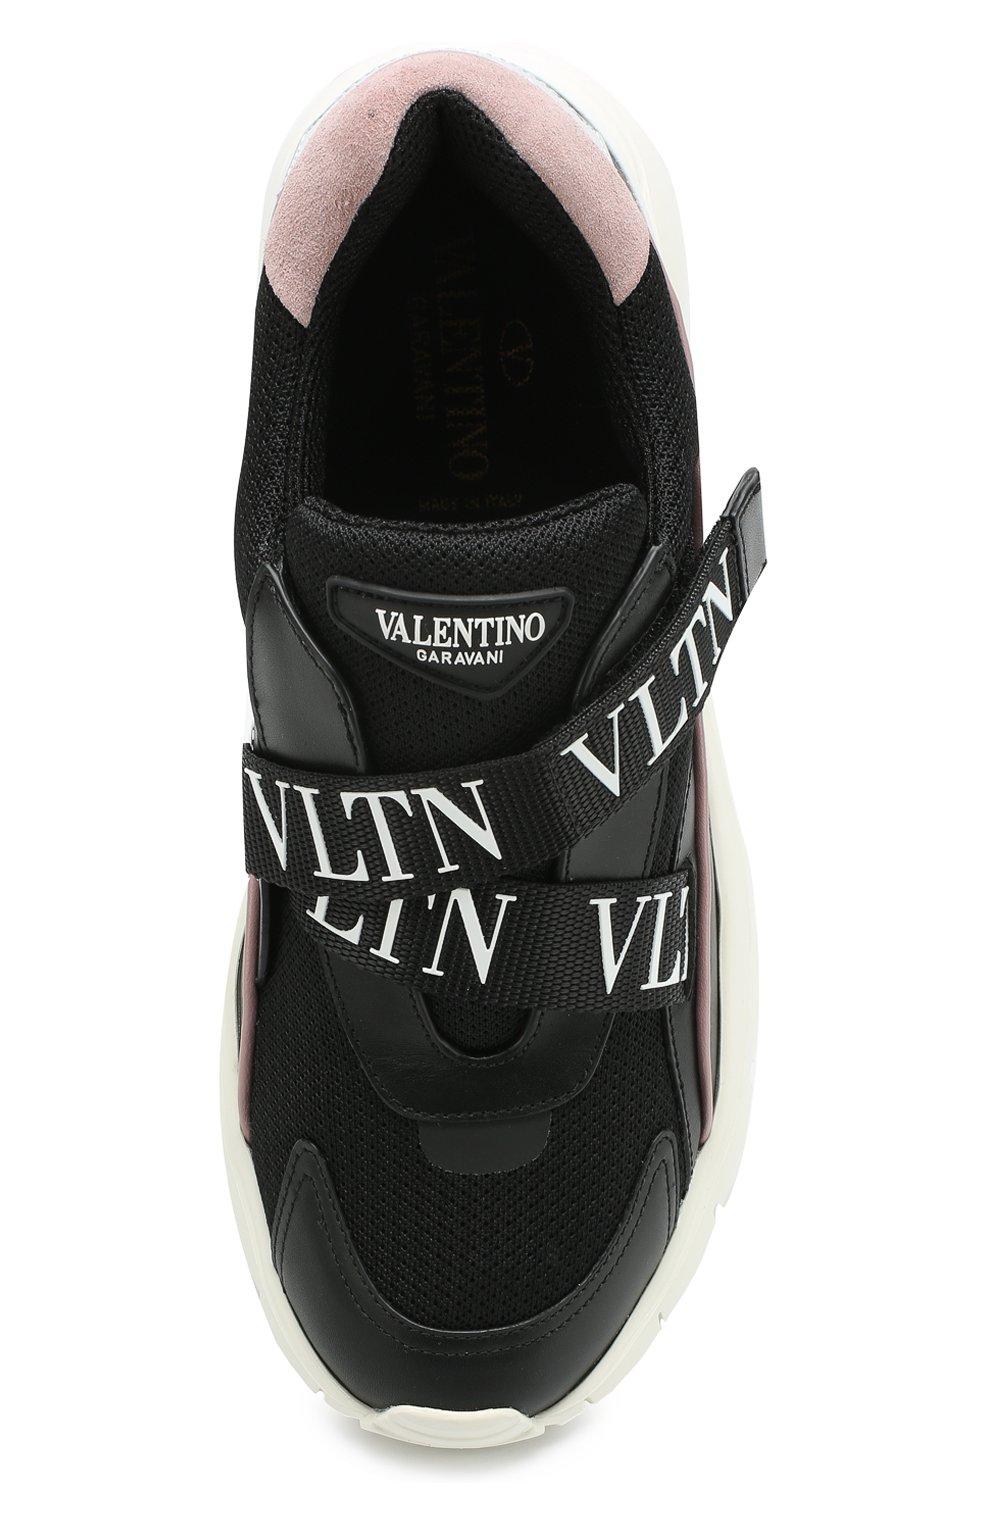 bb29efcf15d2 Женские черные комбинированные кроссовки valentino garavani heroes ...